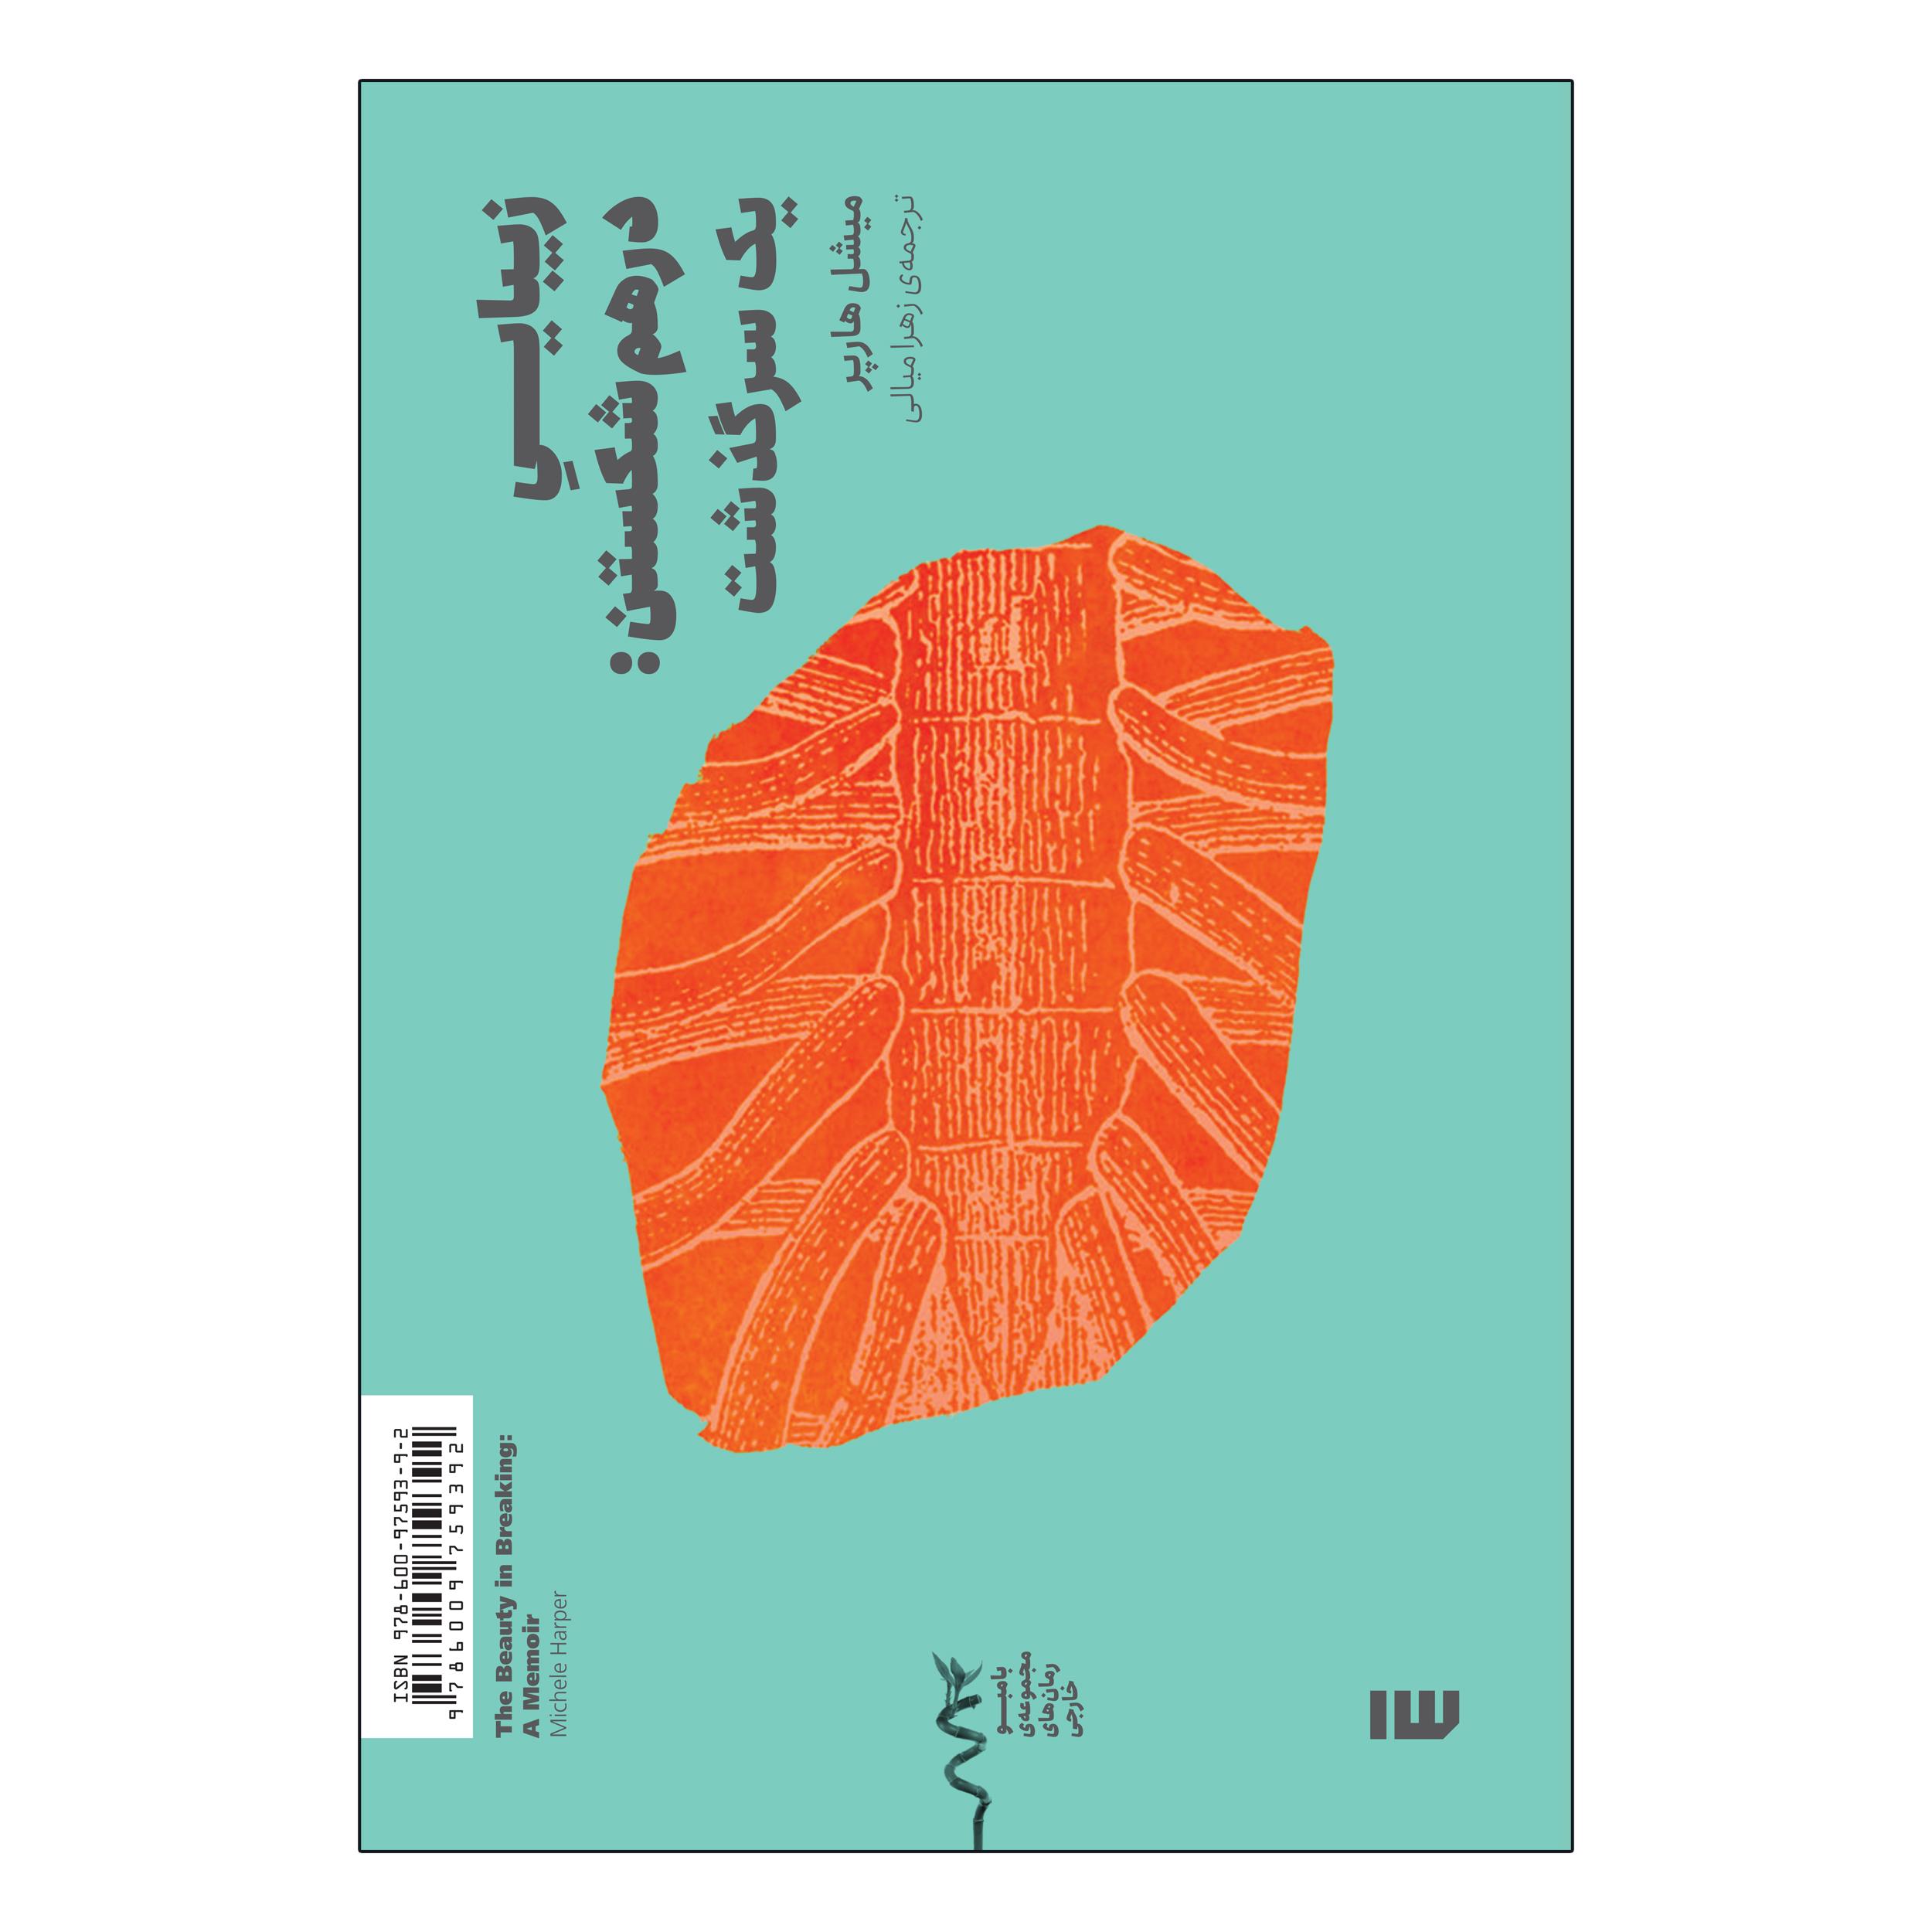 کتاب زیباییِ درهمشکستن اثر میشل هارپر انتشارات سیزده